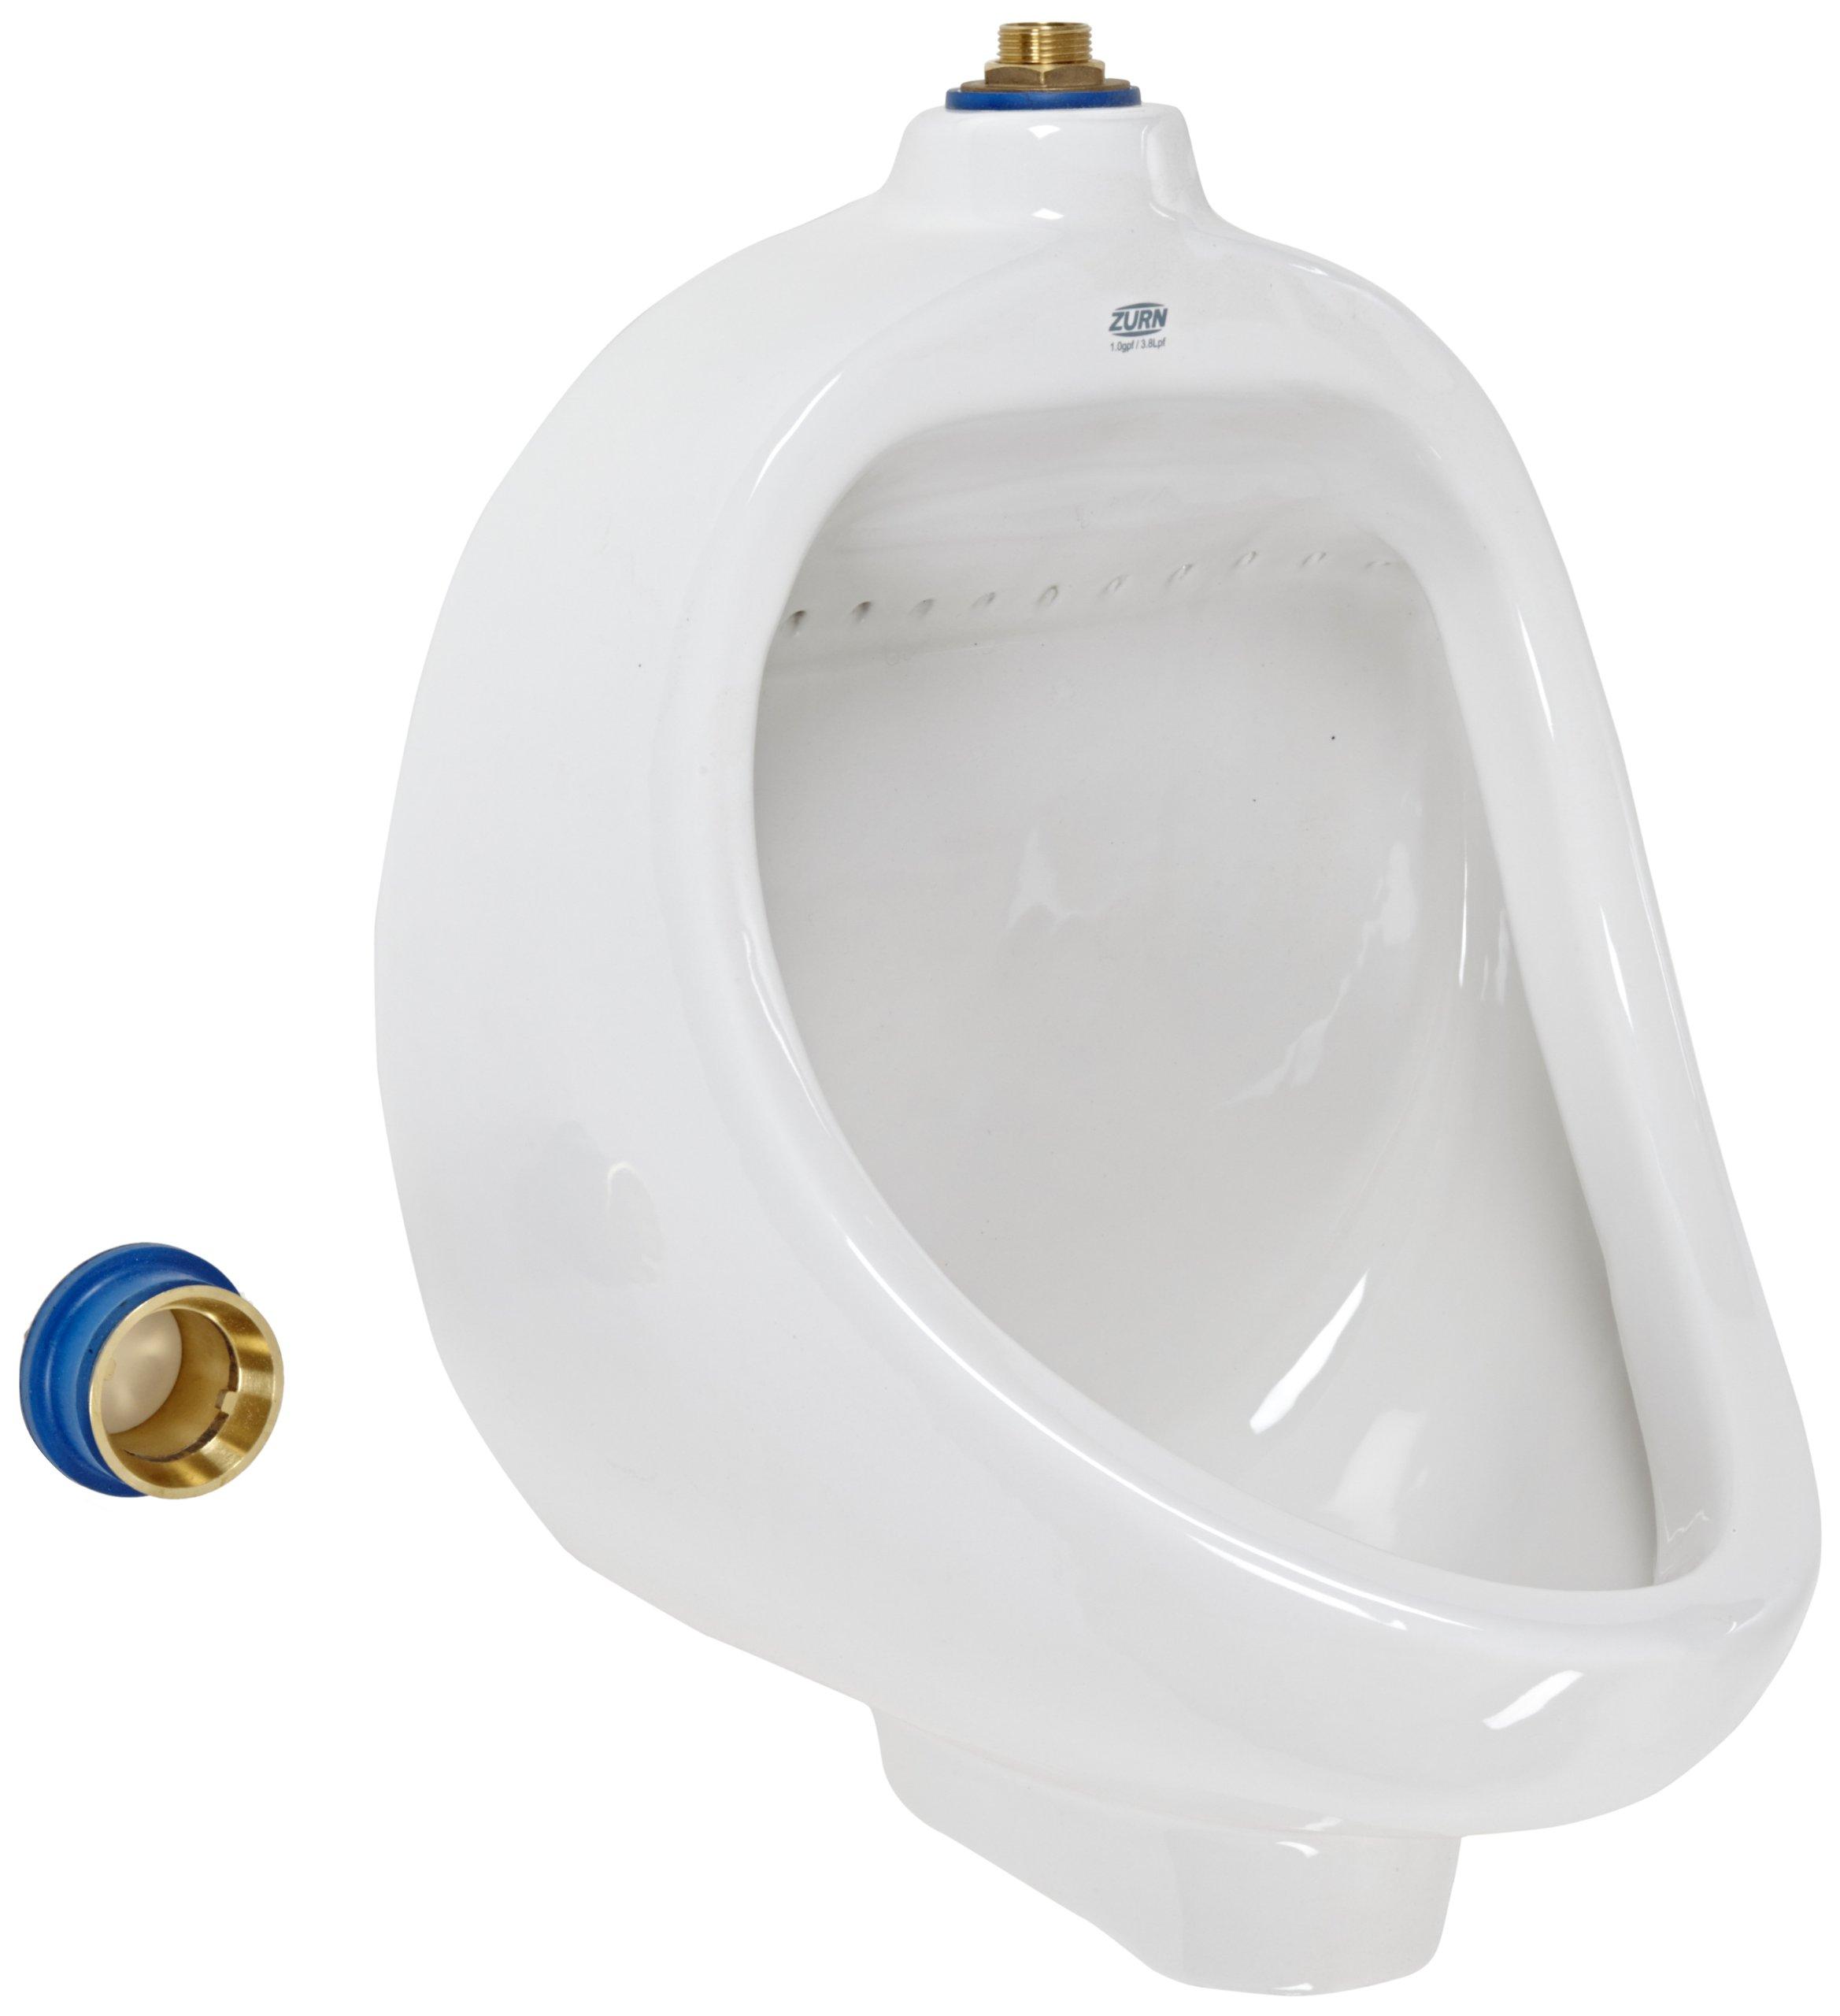 Zurn Z5720 Washout Urinal - Exposed Trap by Zurn